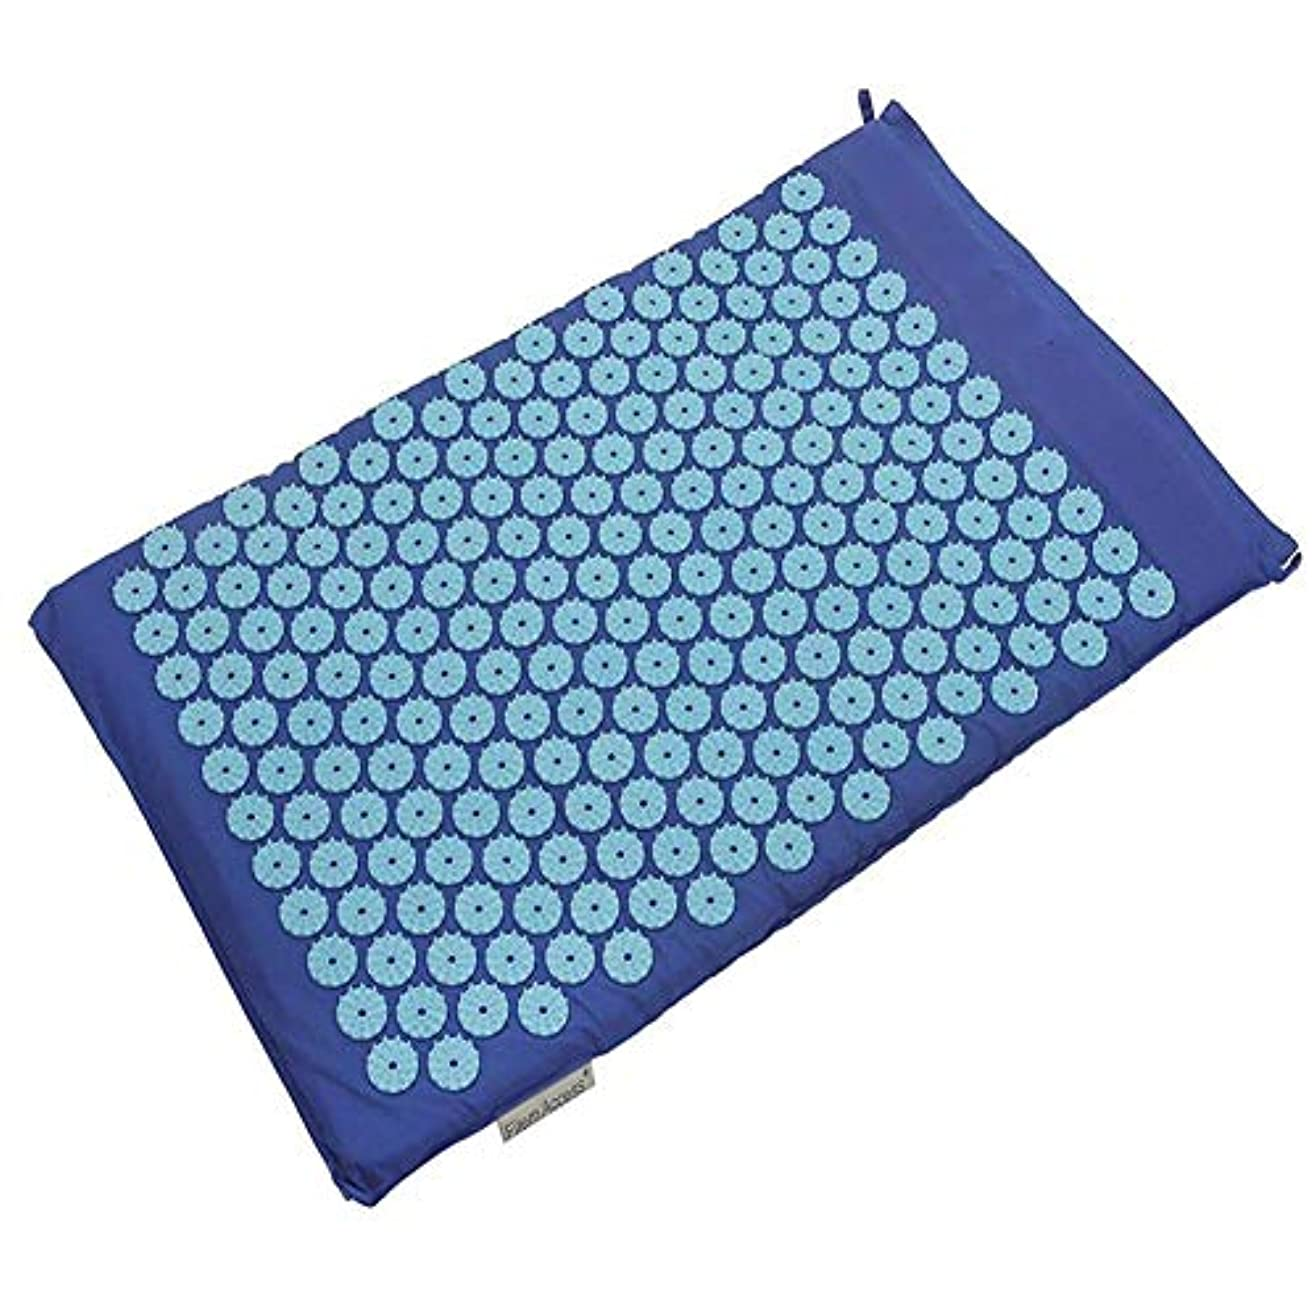 軍団苦しむありふれた鍼massageマッサージヨガマット、オリジナルの指圧枕、首と肩のマッサージ、健康なだめるようなマッサージクッションマッサージクッション,Mat Blue(B)